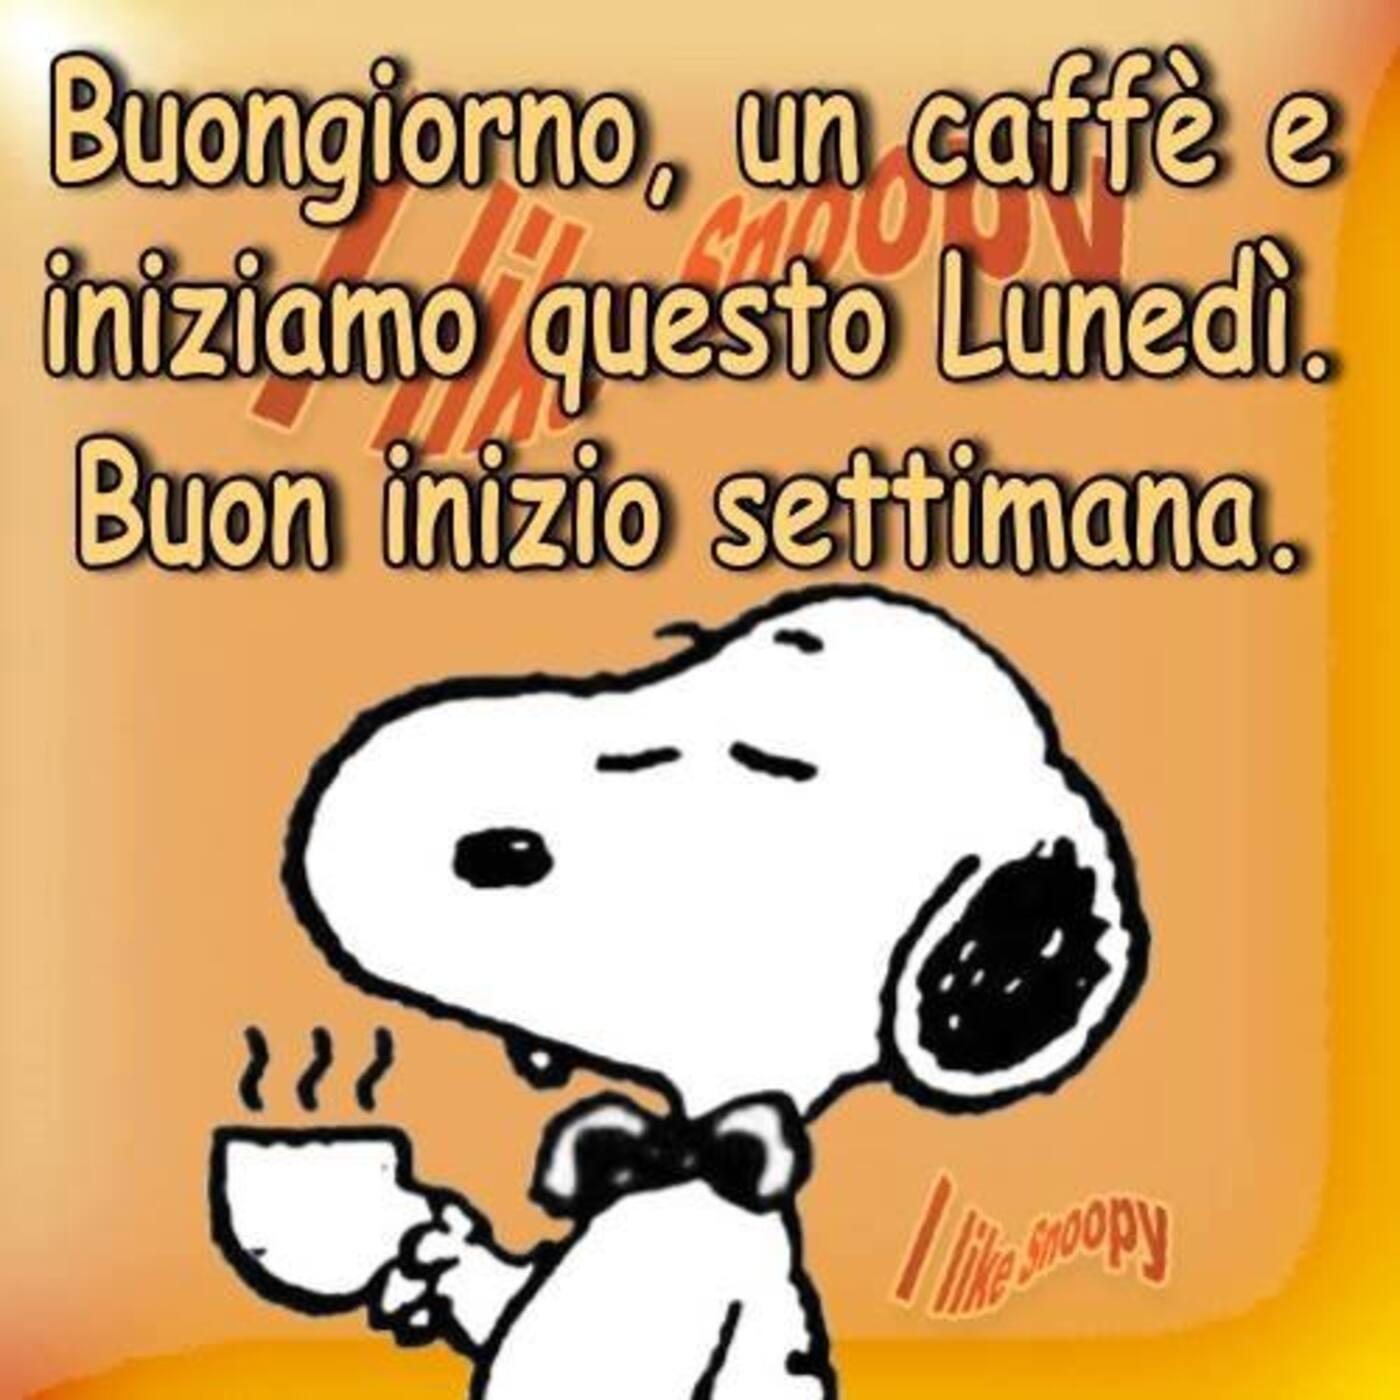 Buongiorno, un caffè e iniziamo questo lunedì. Buon inizio settimana. Snoopy